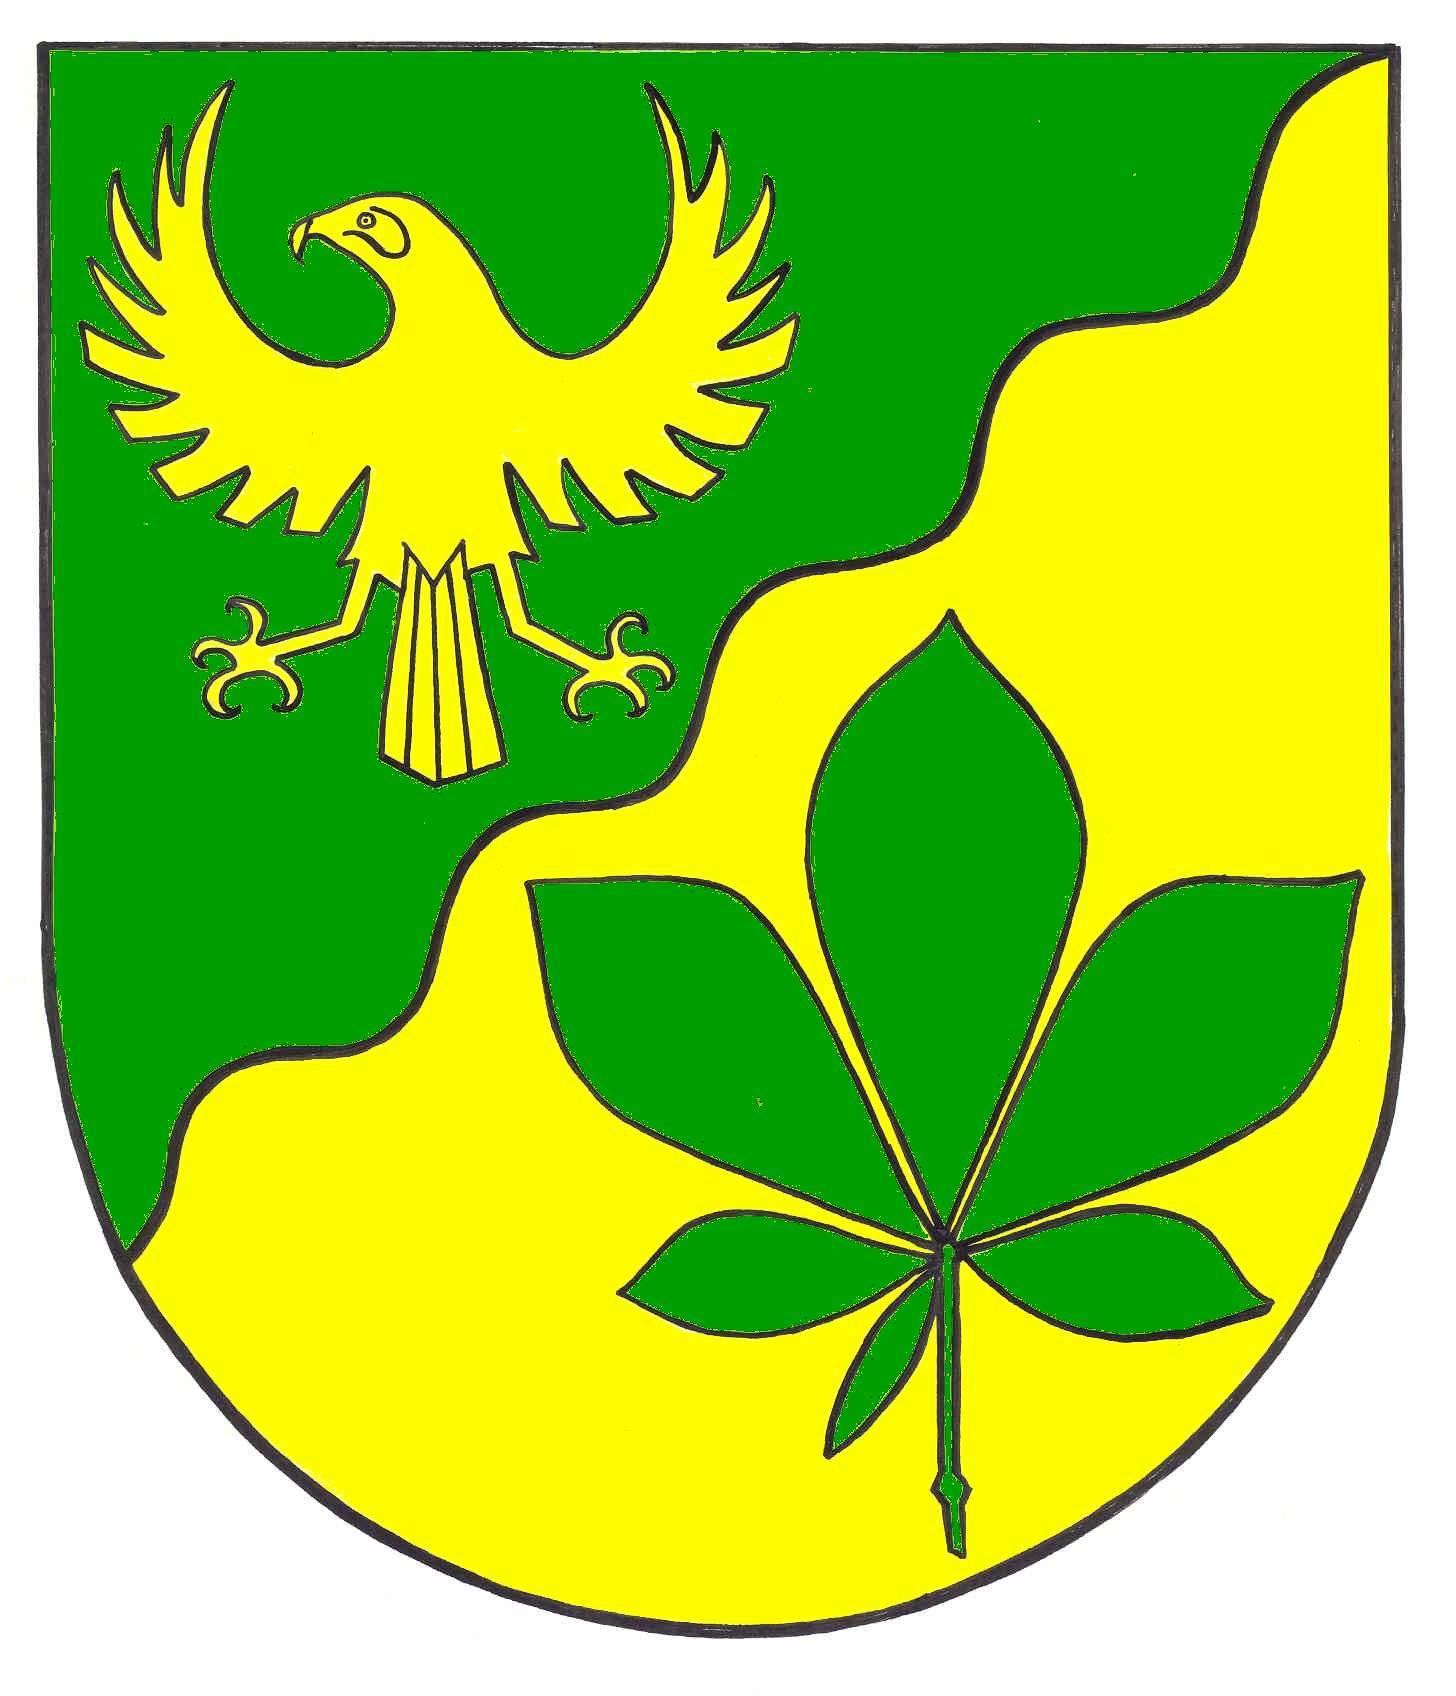 Wappen GemeindeDingen, Kreis Dithmarschen